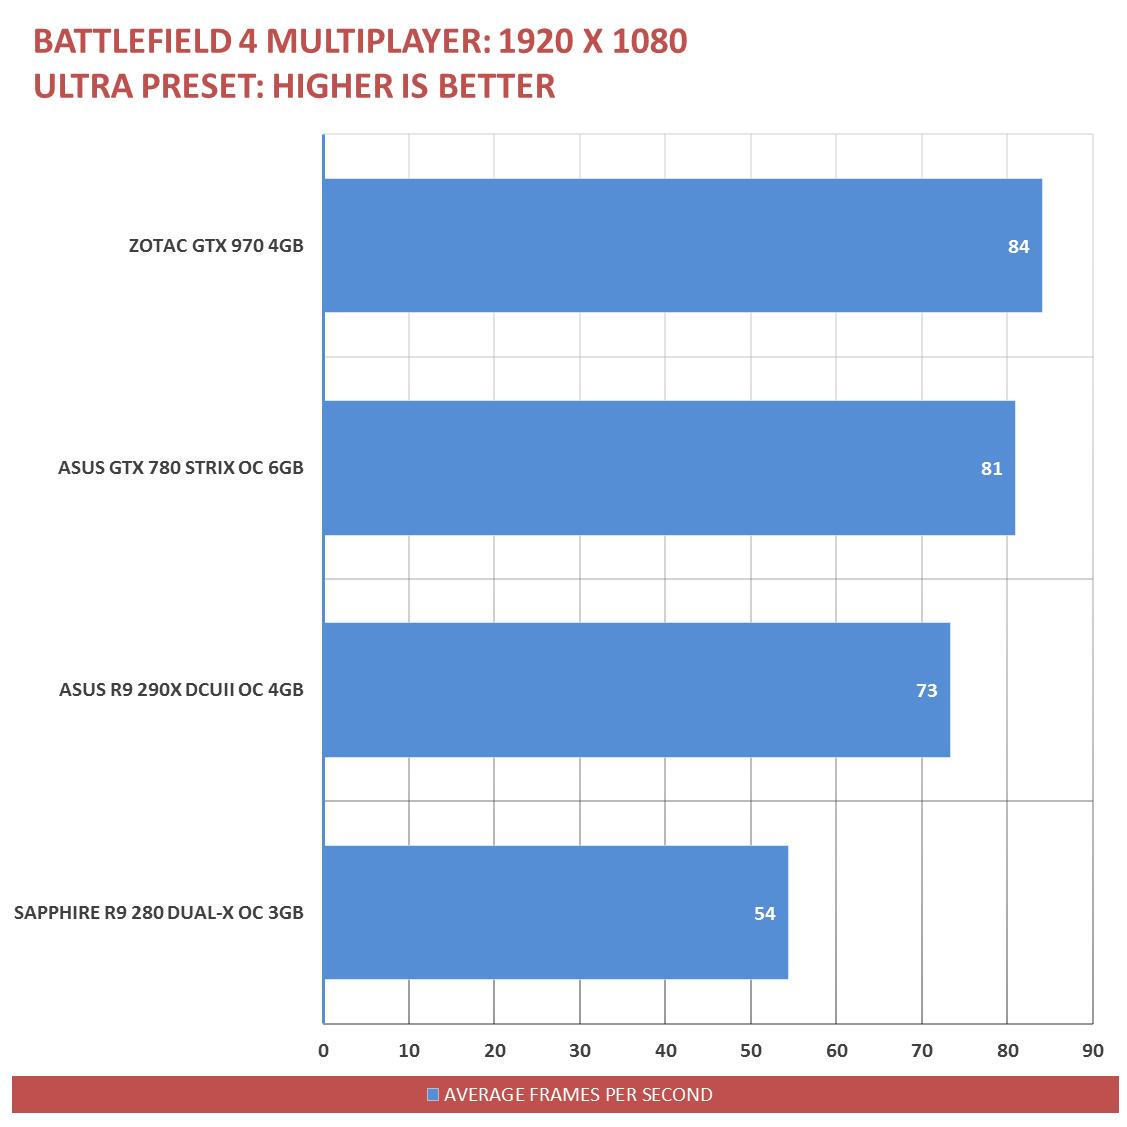 ZOTAC-GTX-970-Benchmarks-14